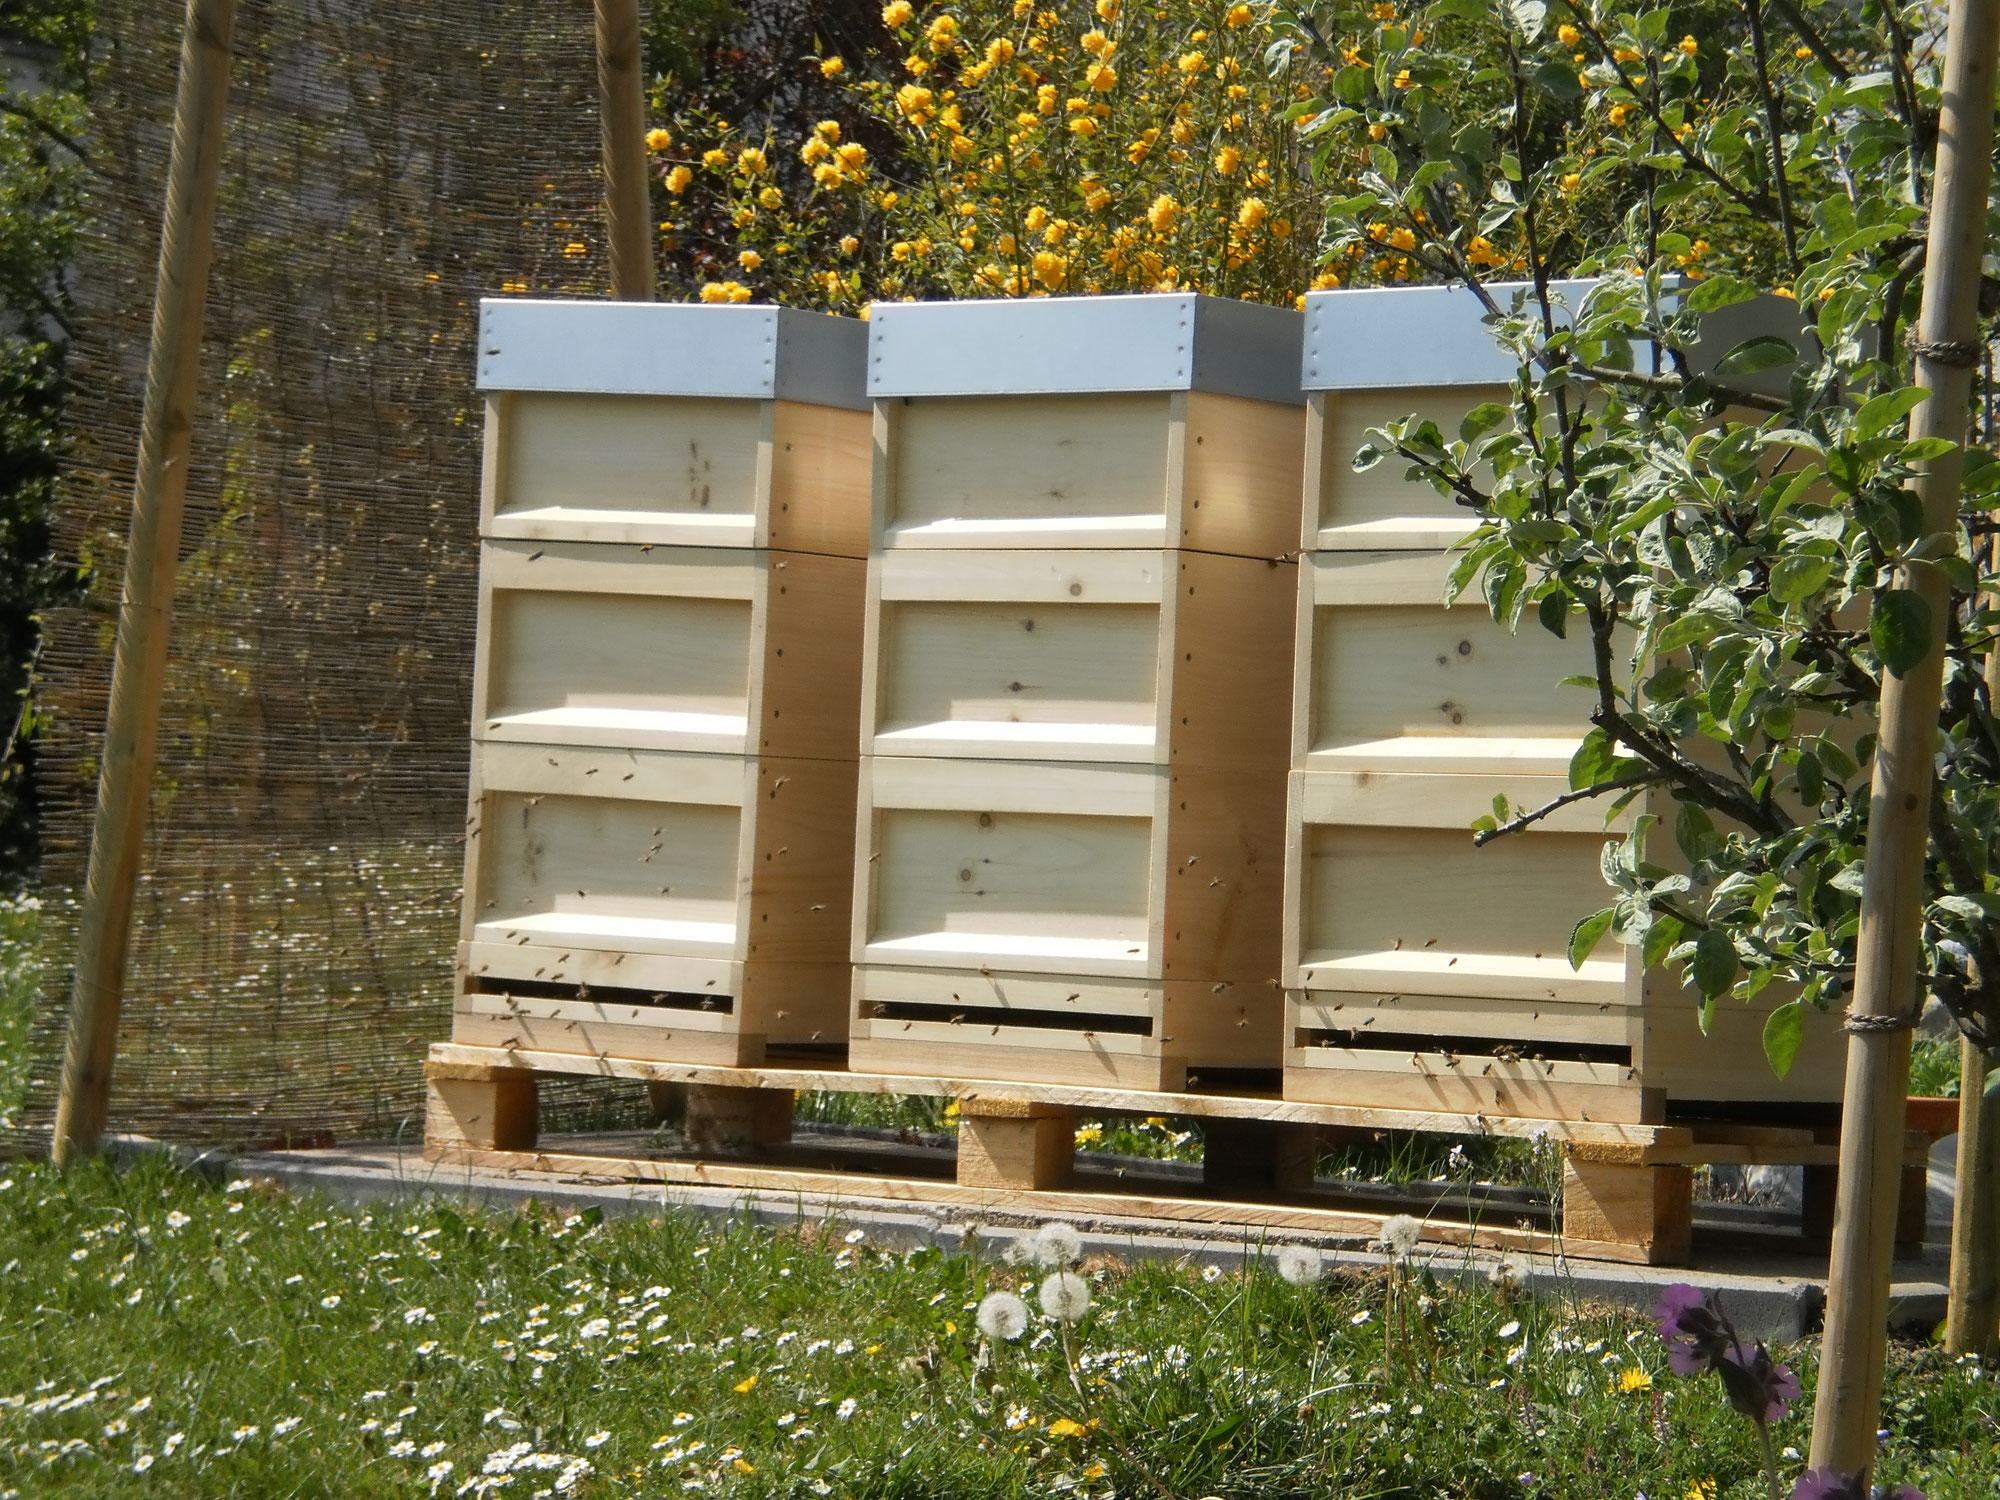 Die Bienenwohnung - heuberg-projekts Webseite!